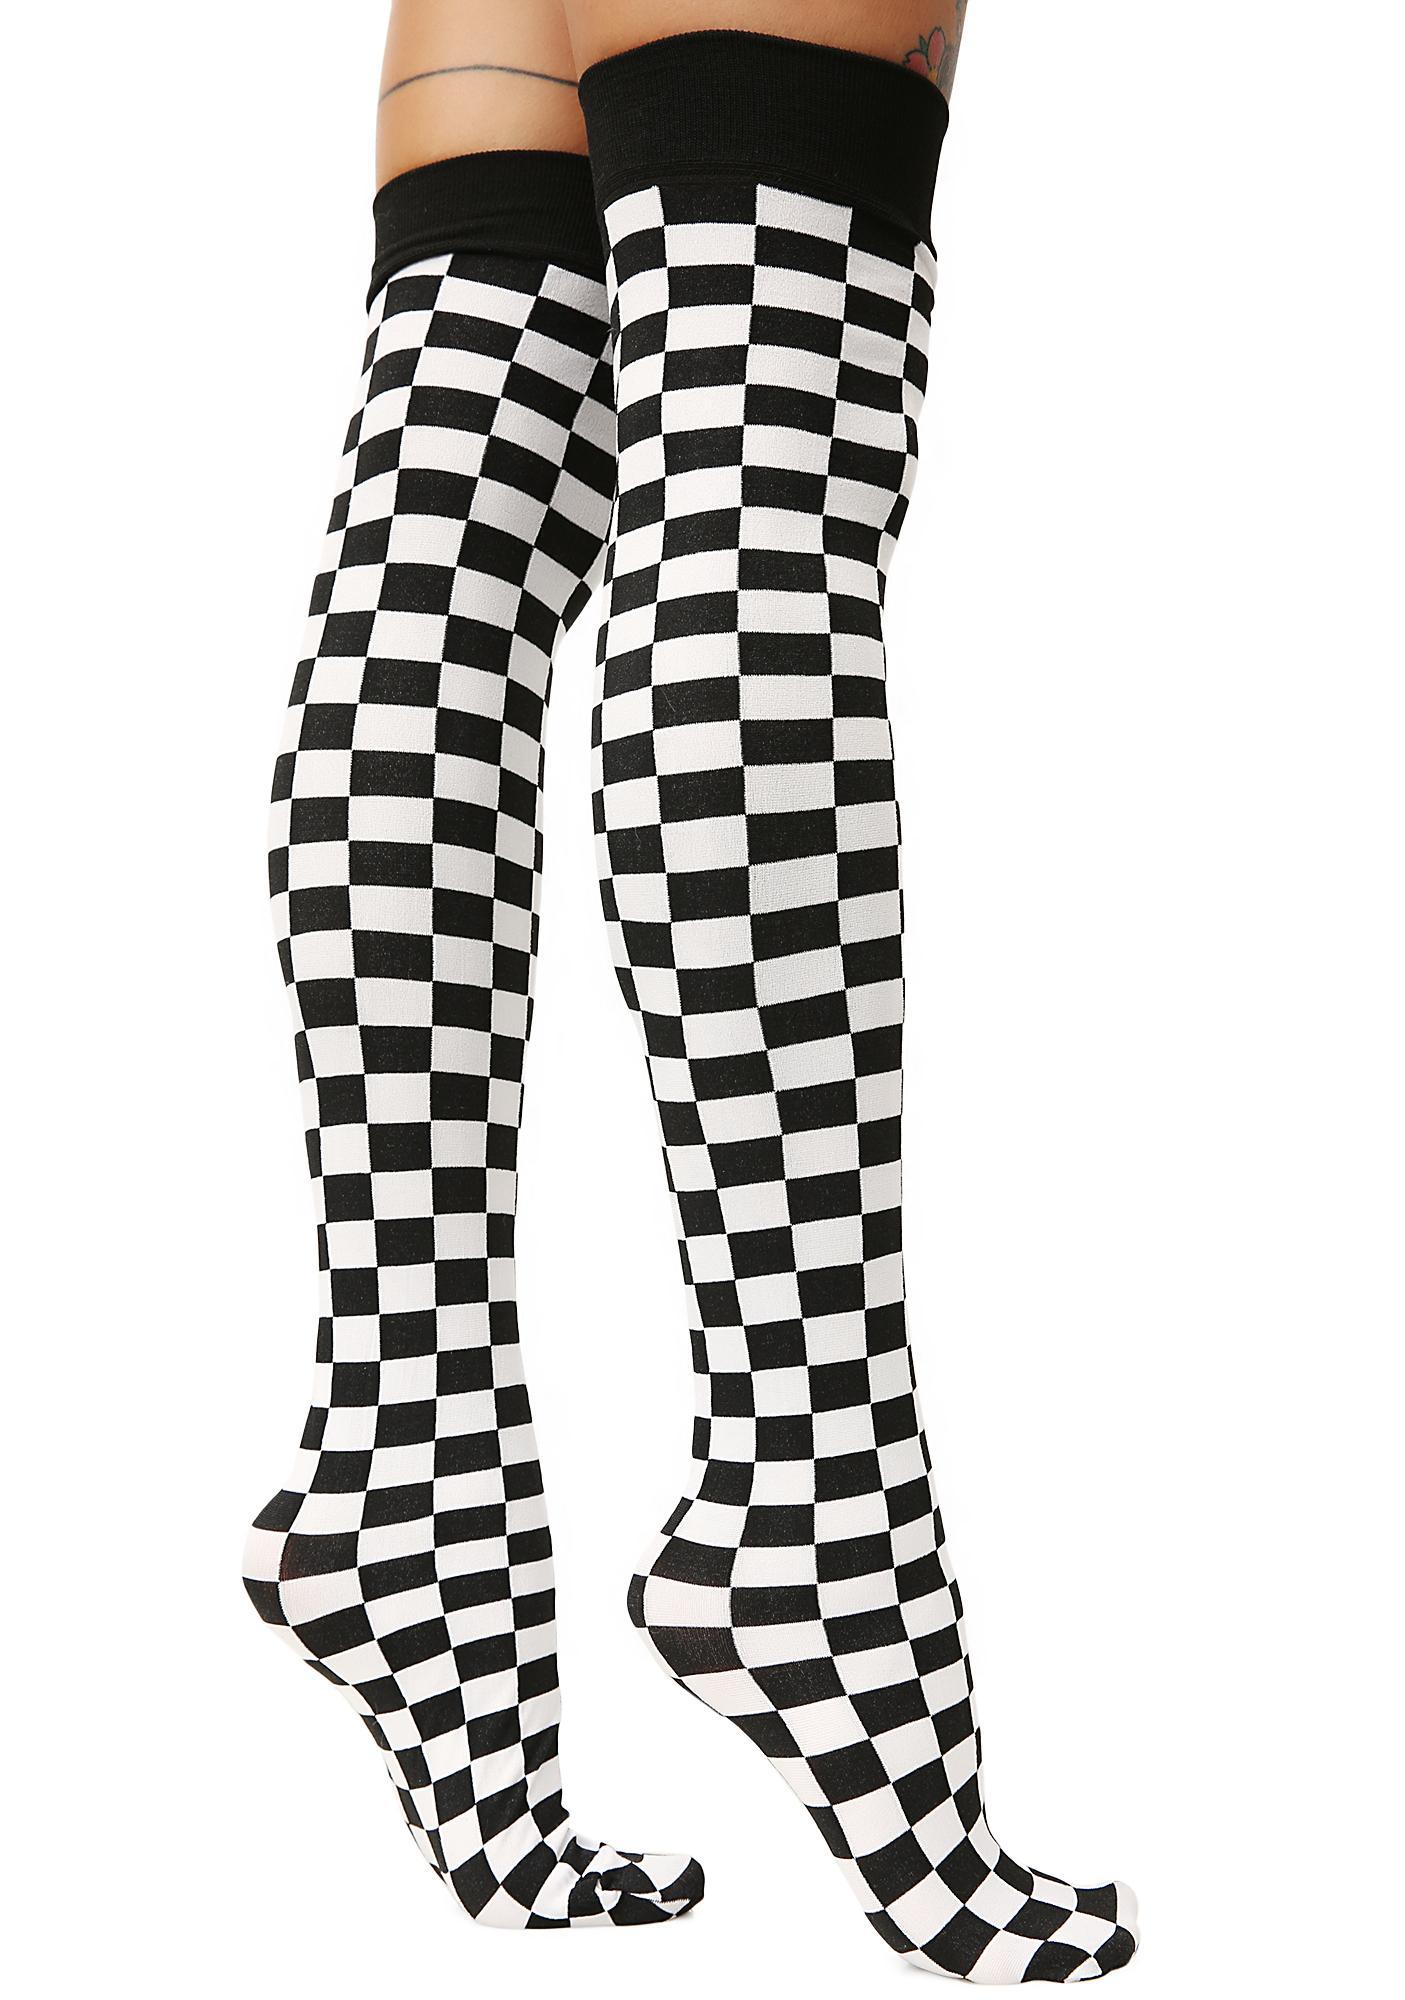 Goin' Crazy Checkered Thigh Highs